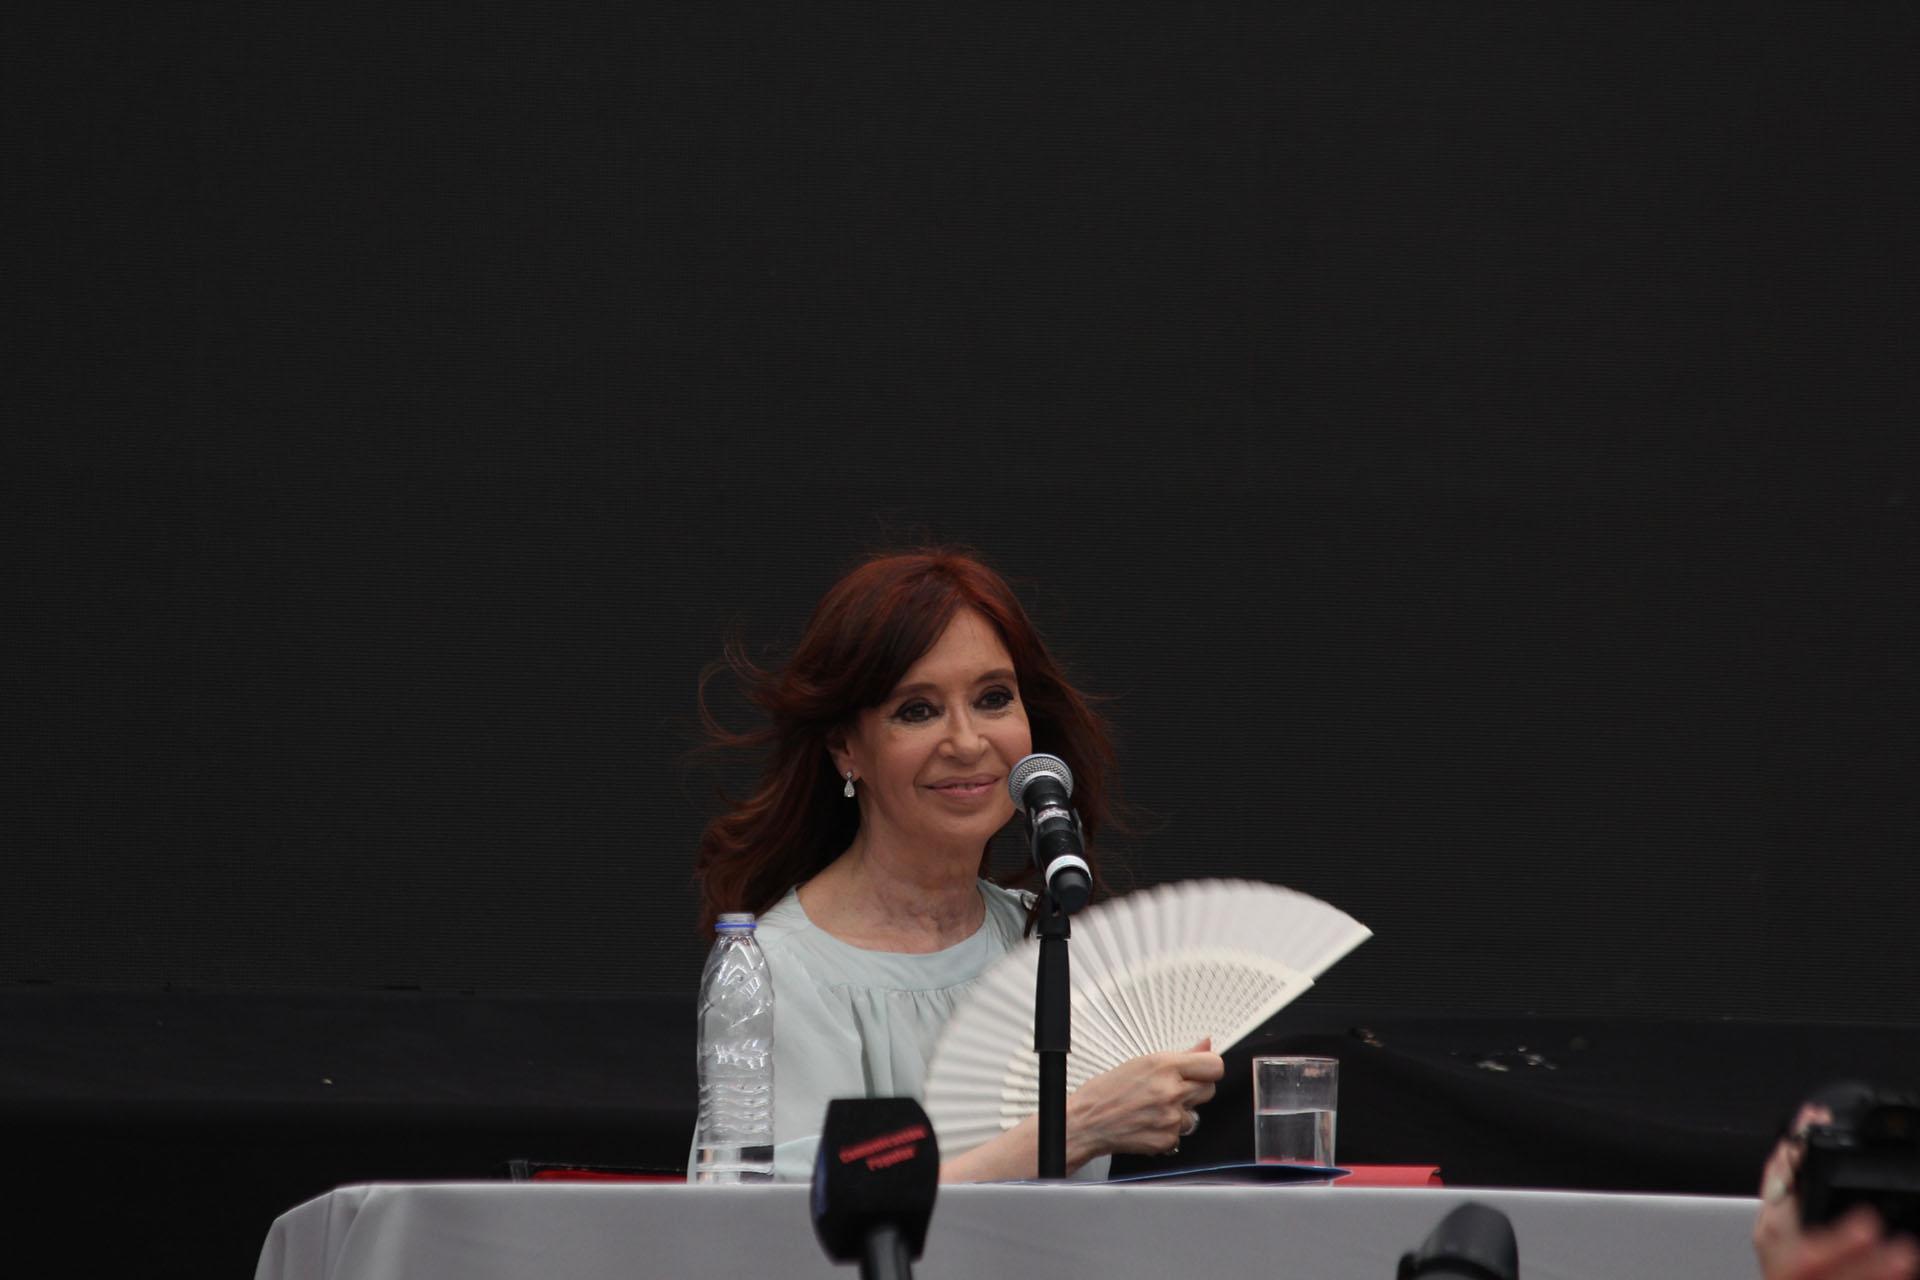 La ex mandataria en el micro estadio de Ferro (foto Matias Baglietto)